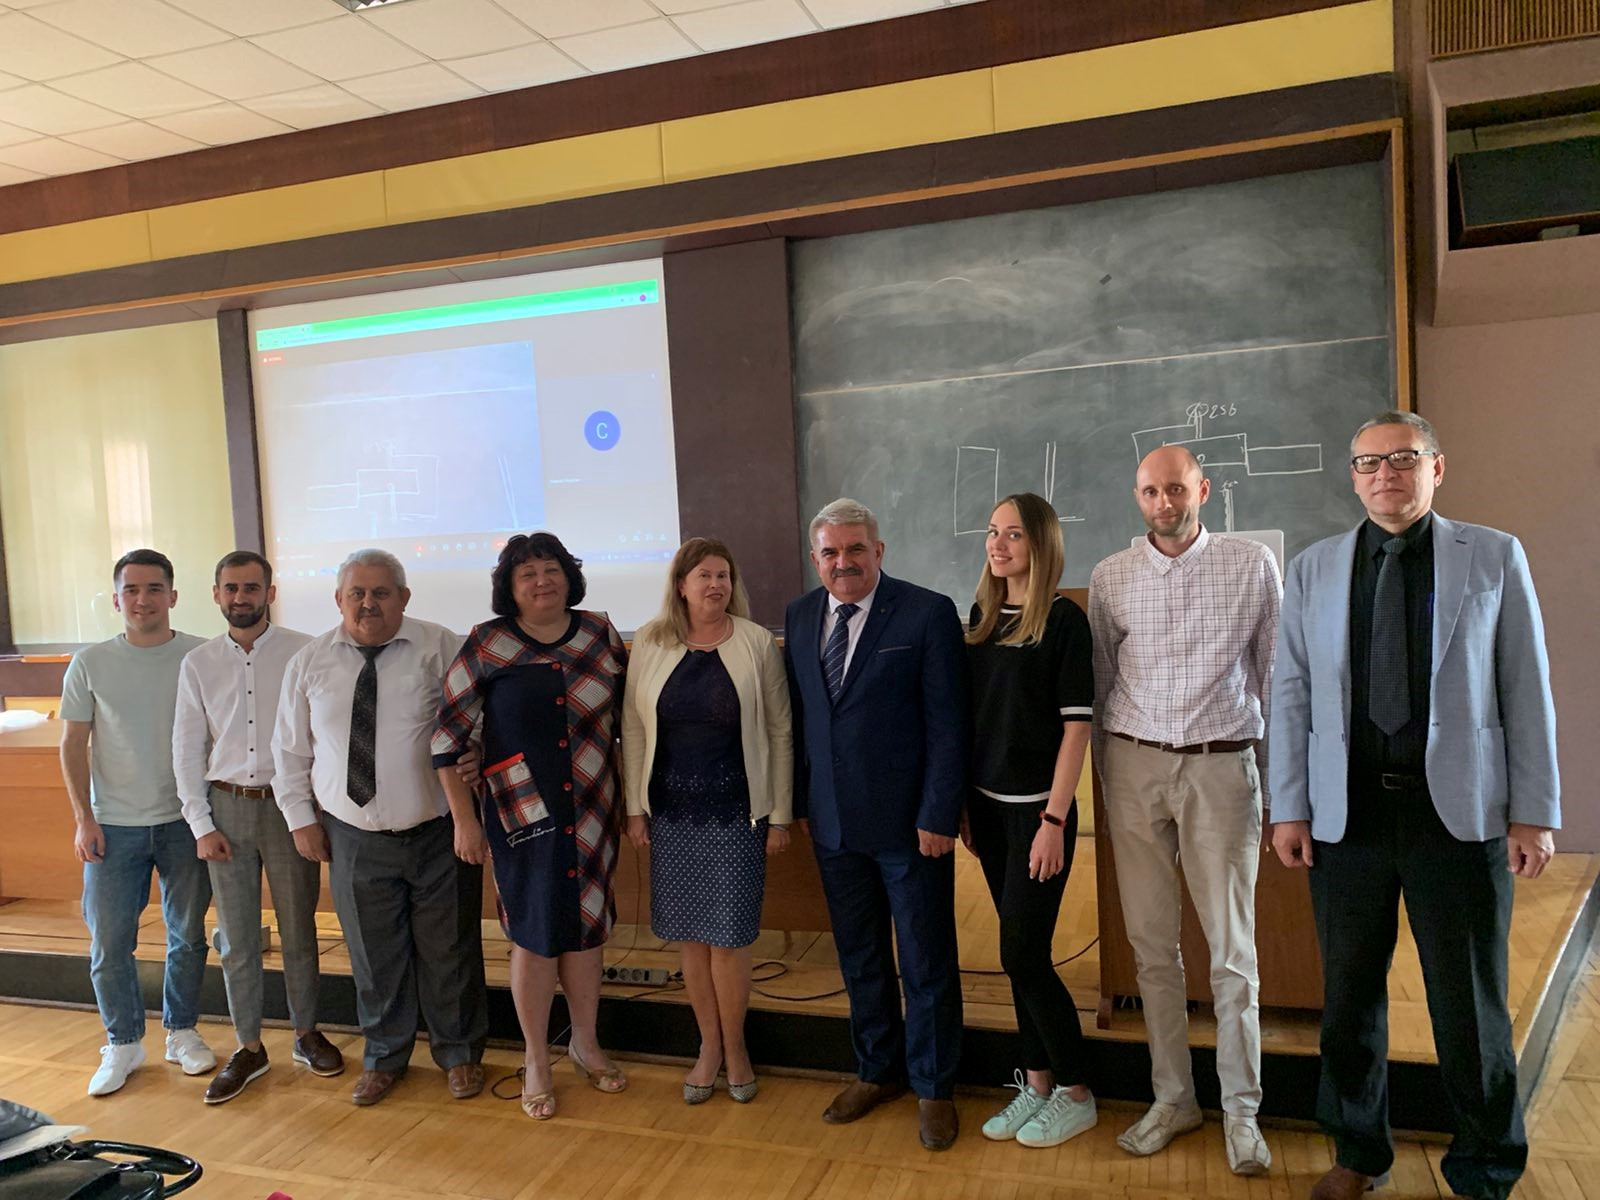 Науковці і студенти політехніки представили наукові дослідження у сфері експлуатації та реконструкції будівель і споруд